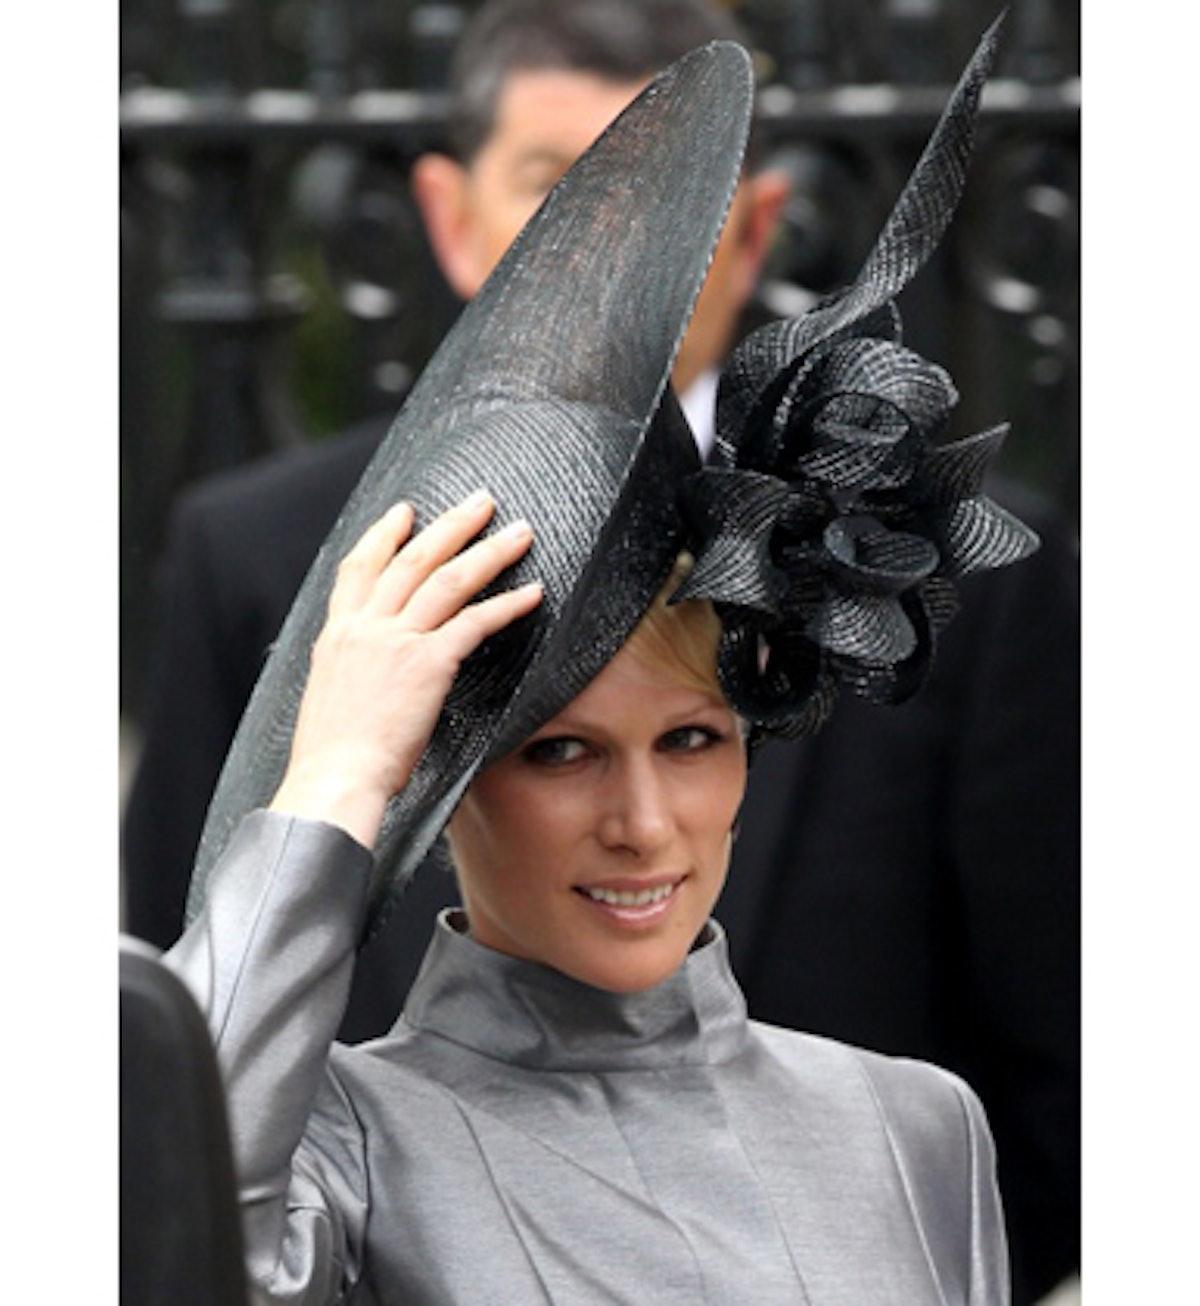 blog-royal-wedding-best-dressed-10.jpg